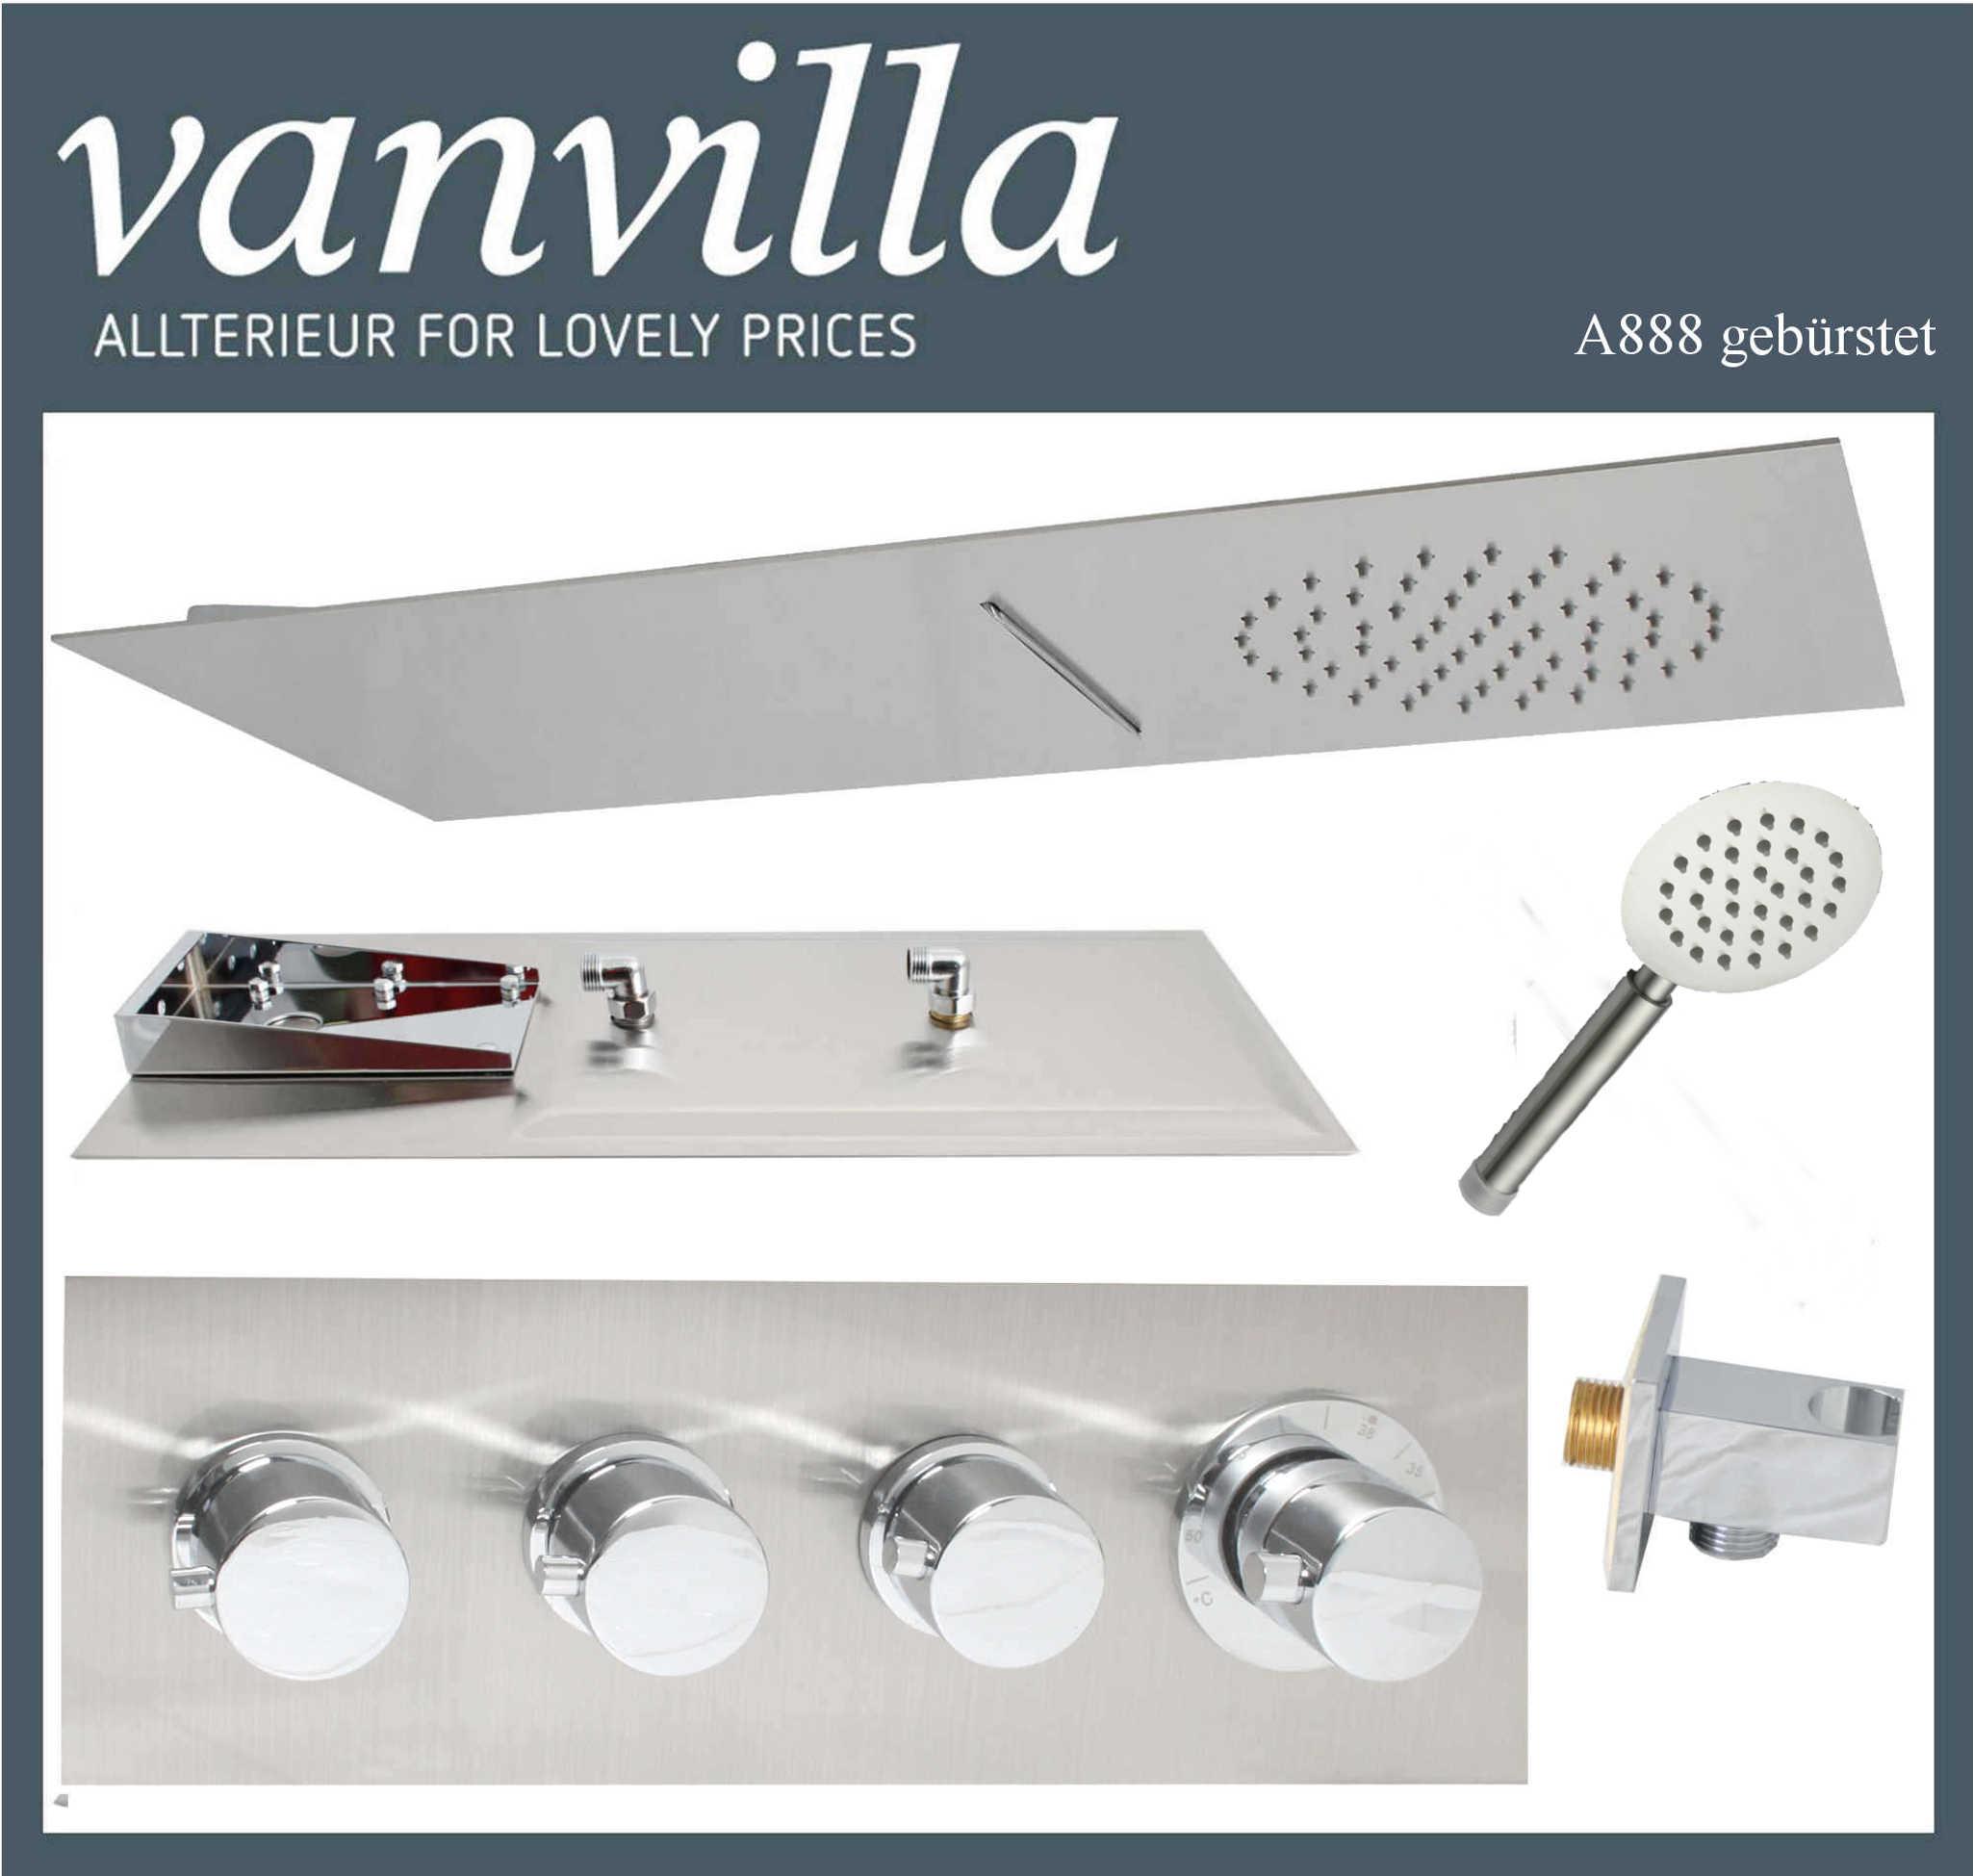 vanvilla unterputz thermostat set duscharmatur schwallbrause regendusche 888 ebay. Black Bedroom Furniture Sets. Home Design Ideas